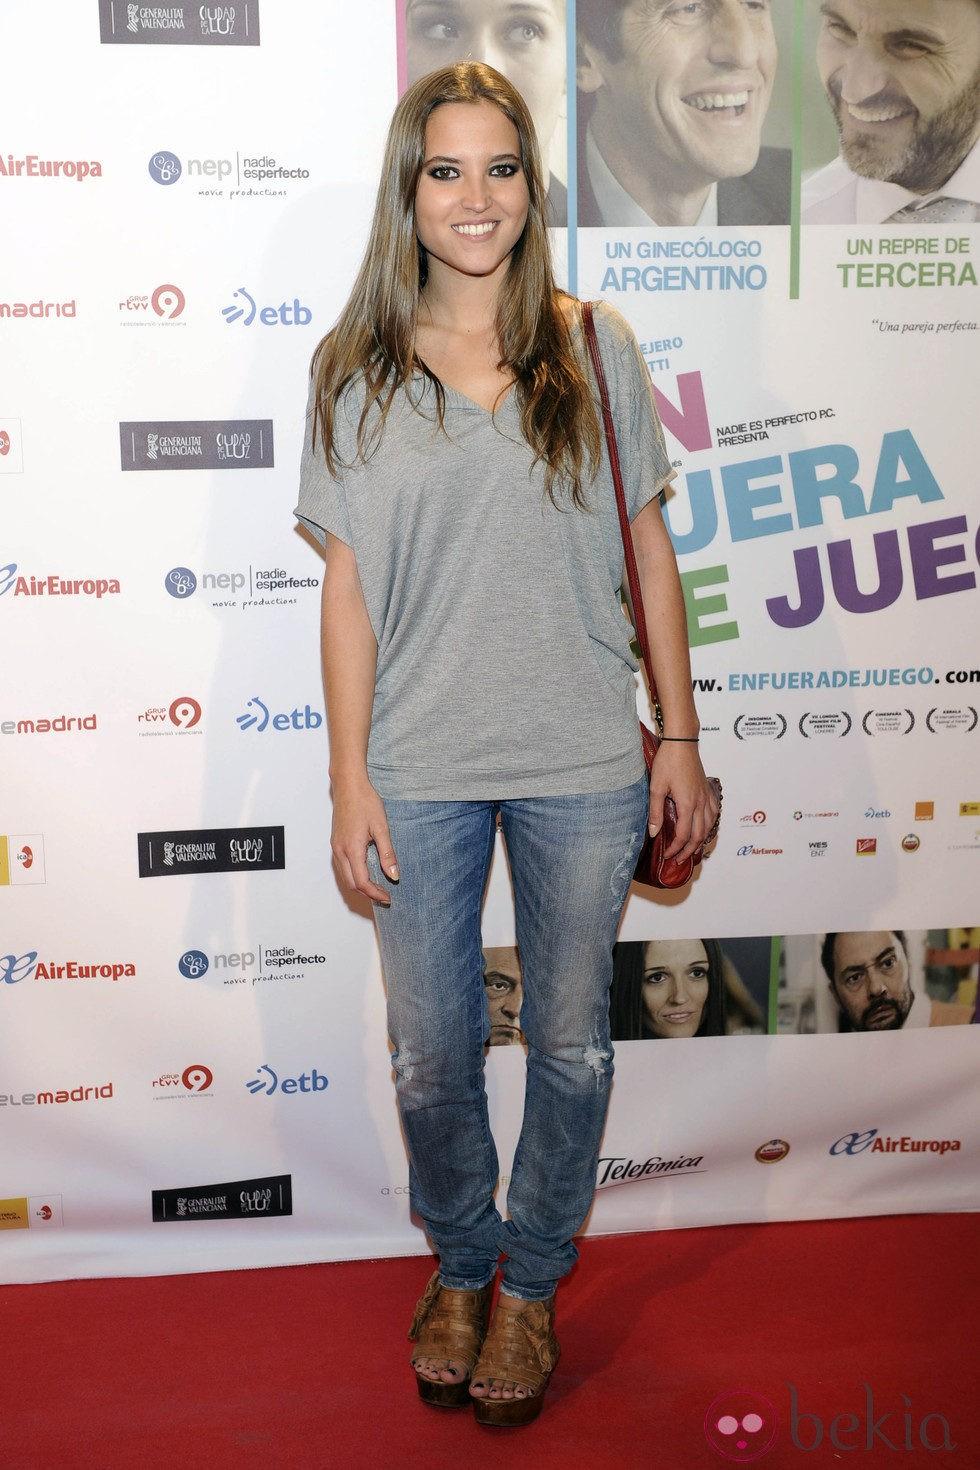 Ana fern ndez en el estreno de la pel cula 39 en fuera de for En fuera de juego online